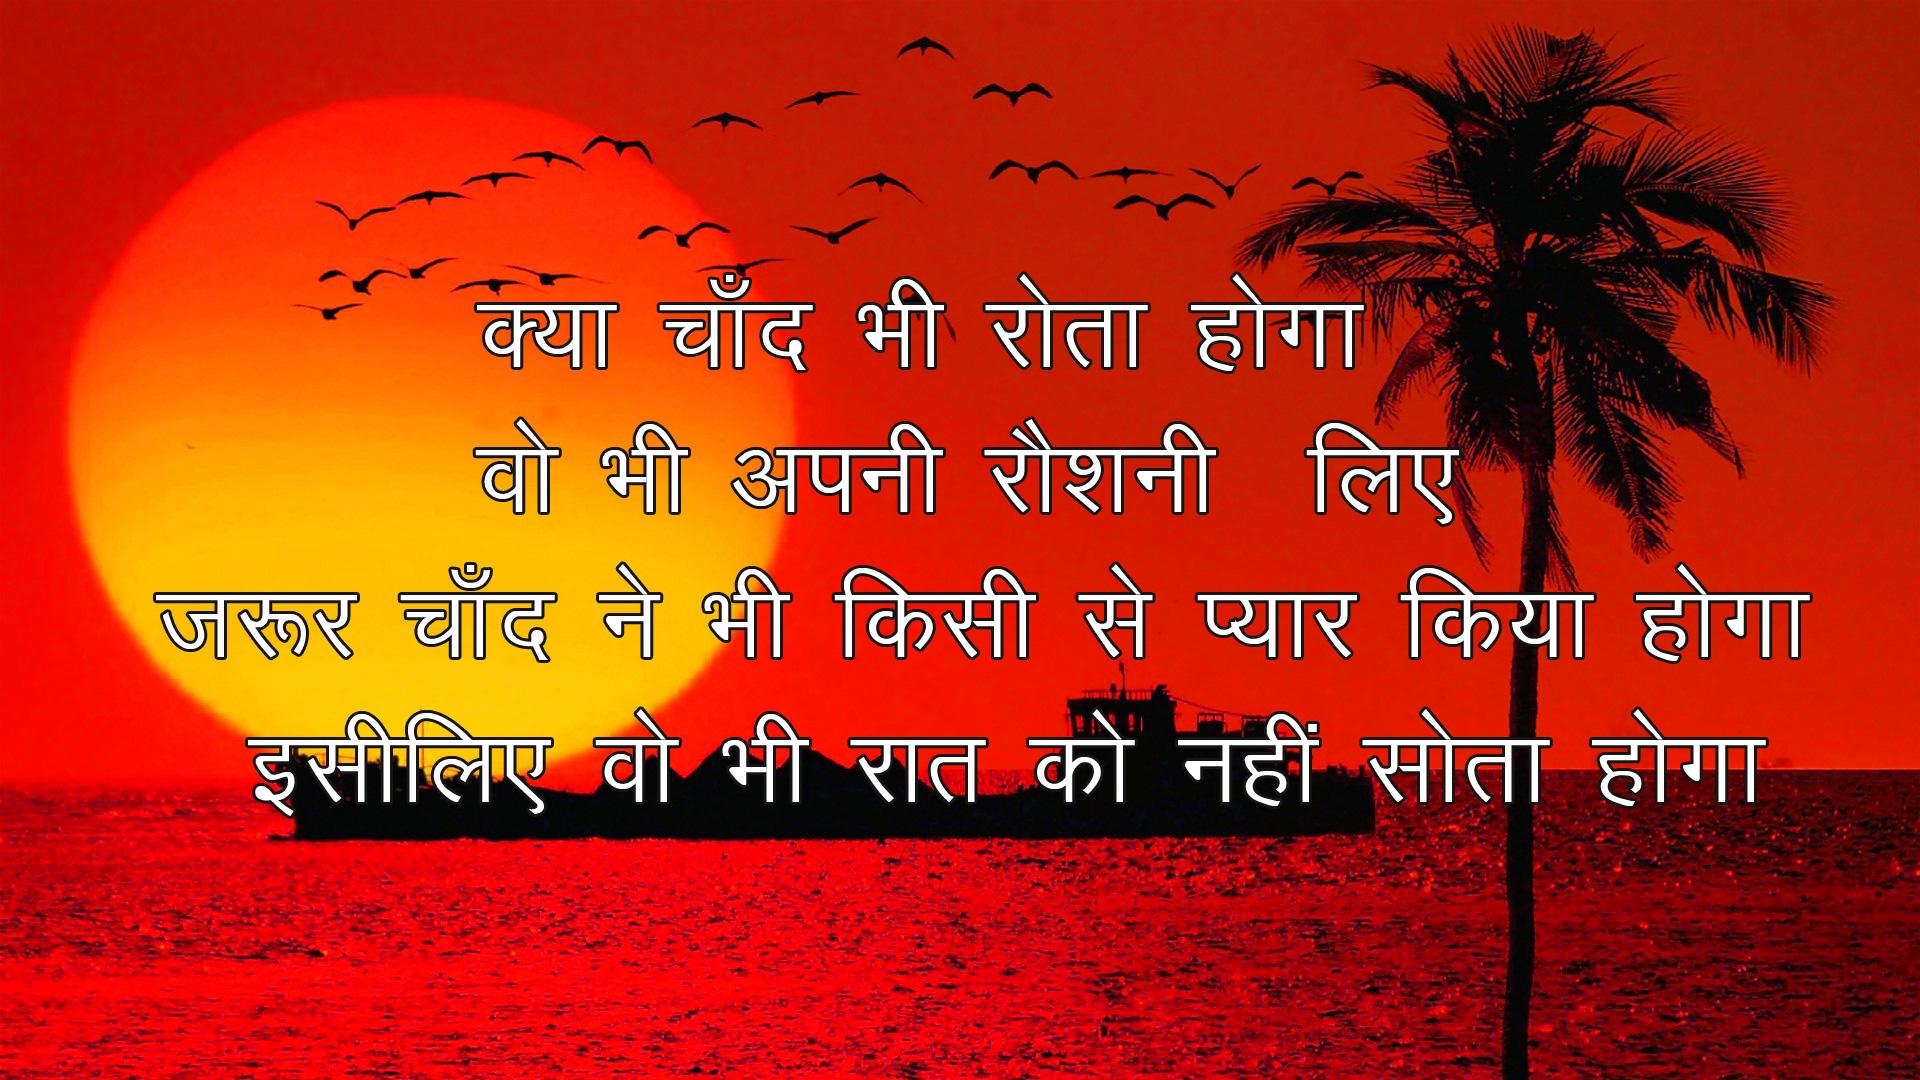 Hindi love Shayari Images Free Download 13